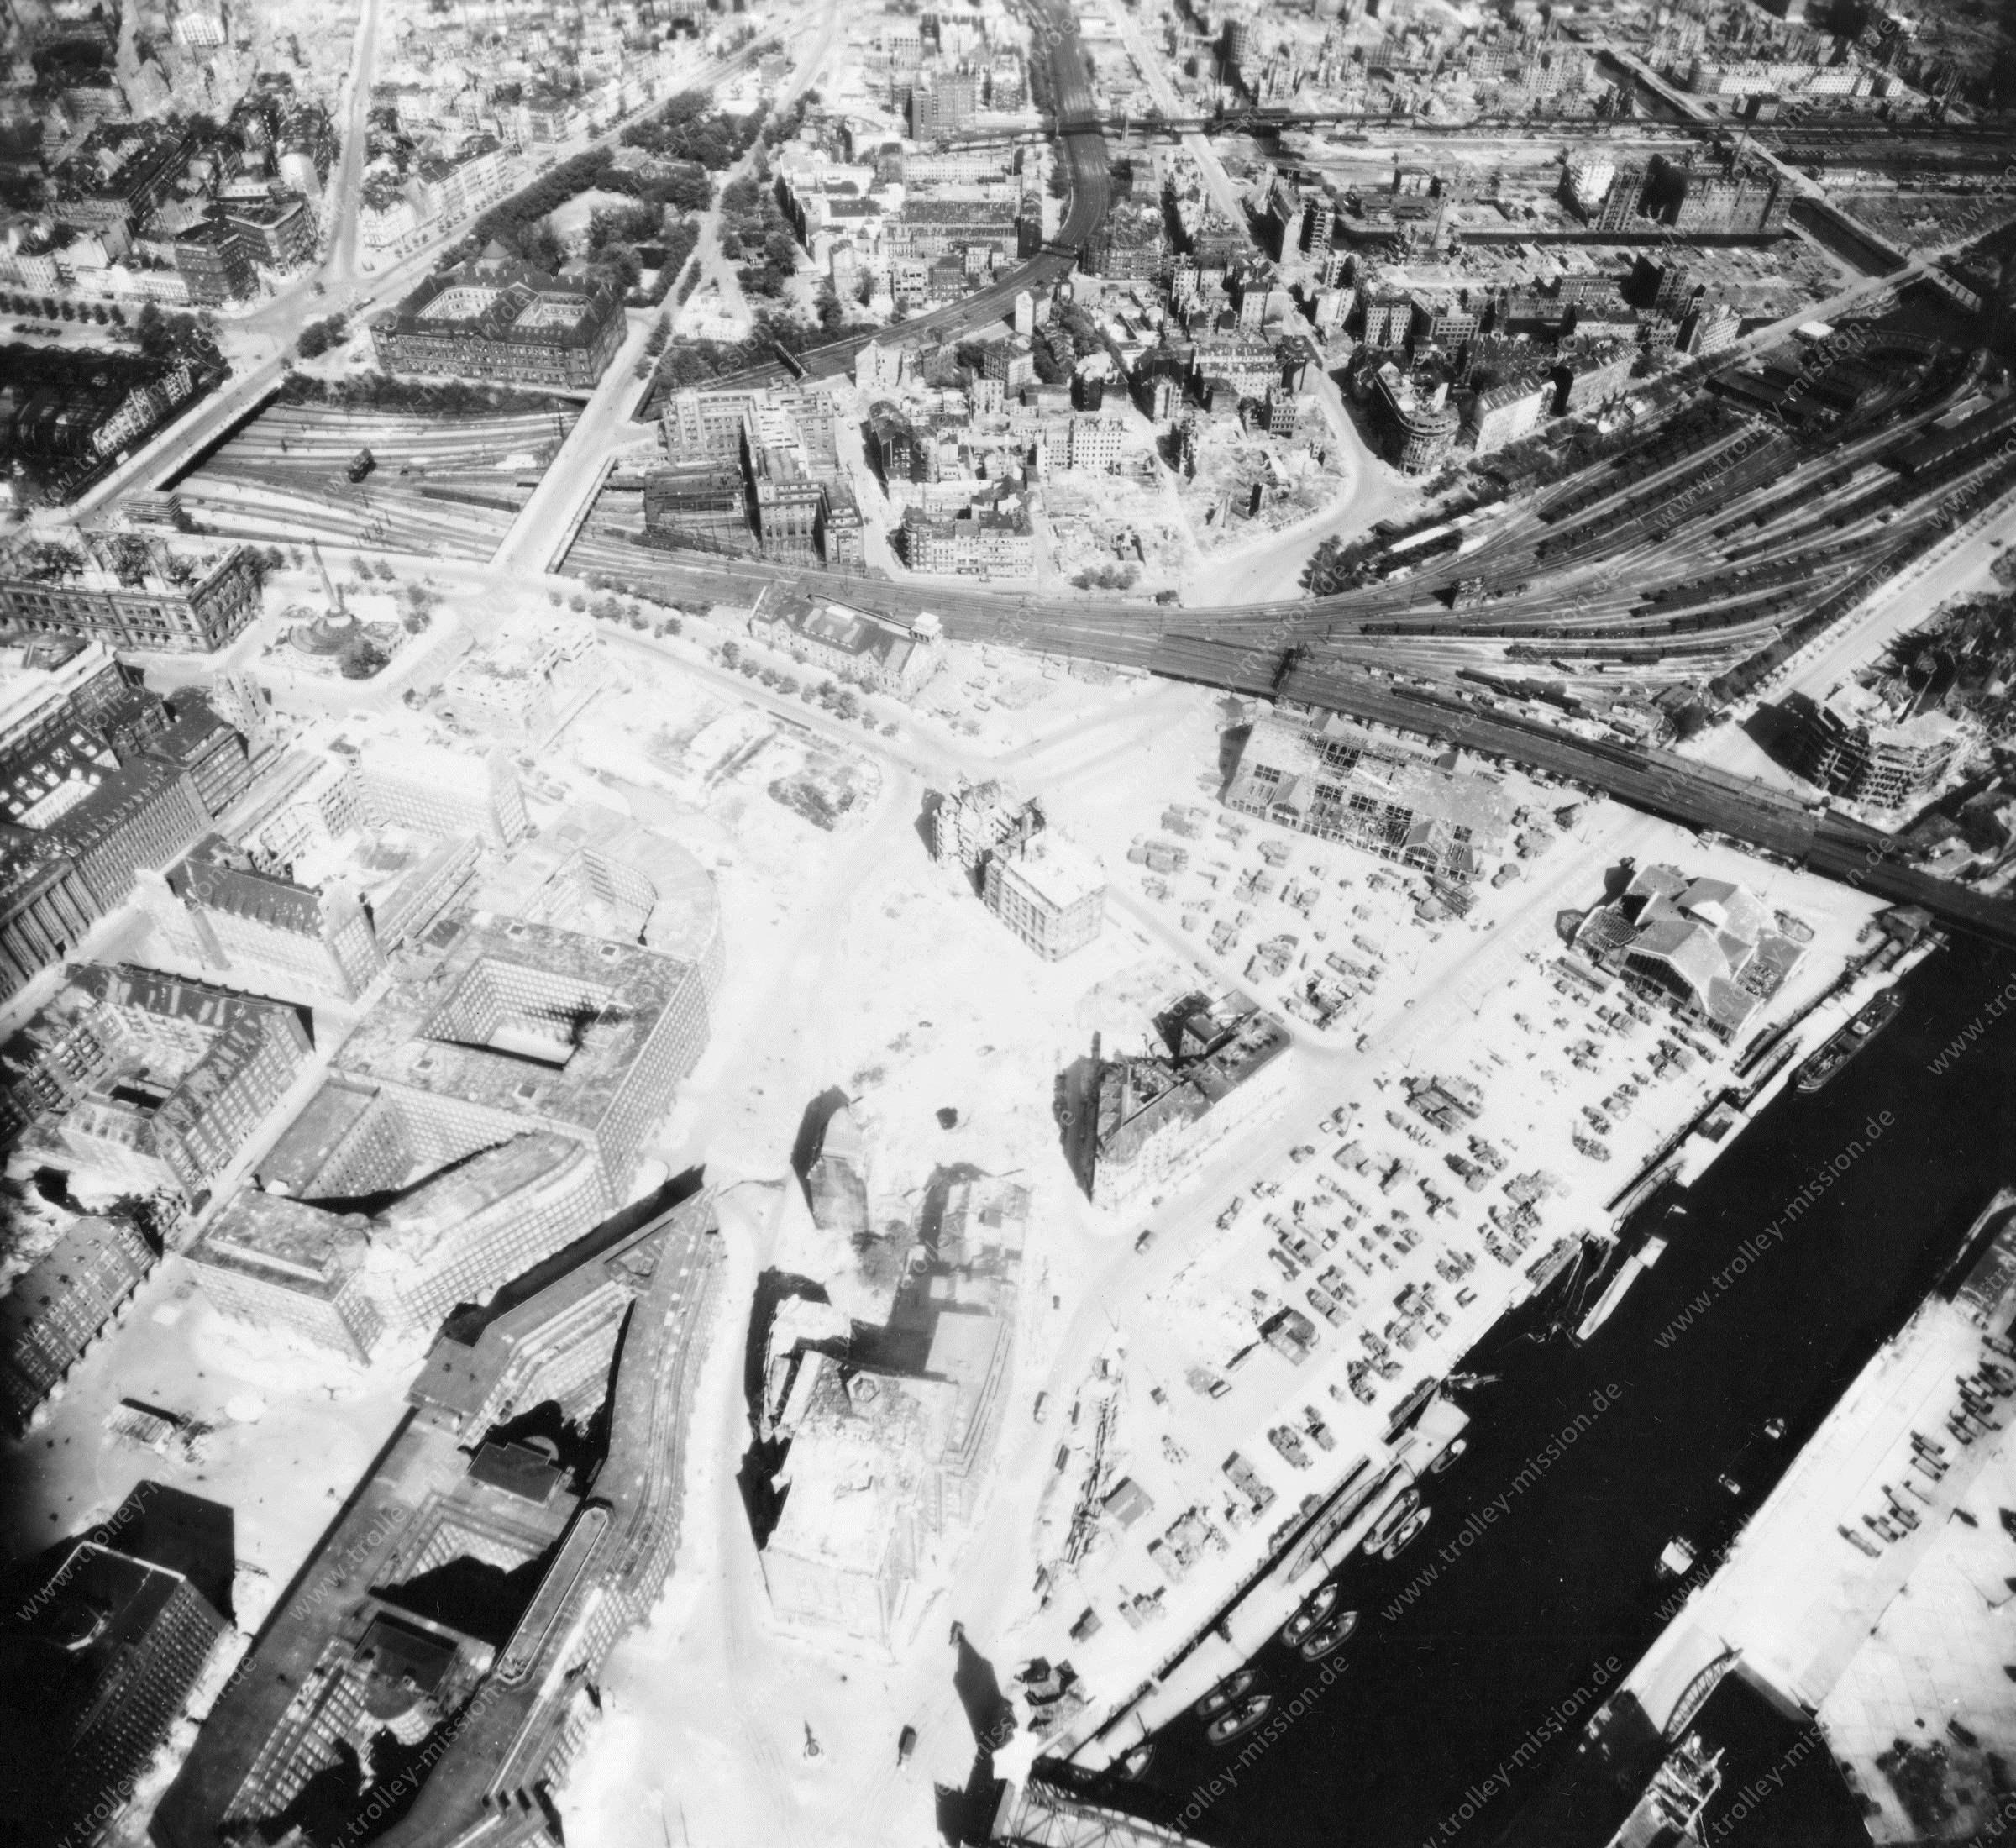 Luftbild von Hamburg und Hafen am 12. Mai 1945 - Luftbildserie 15/19 der US Air Force